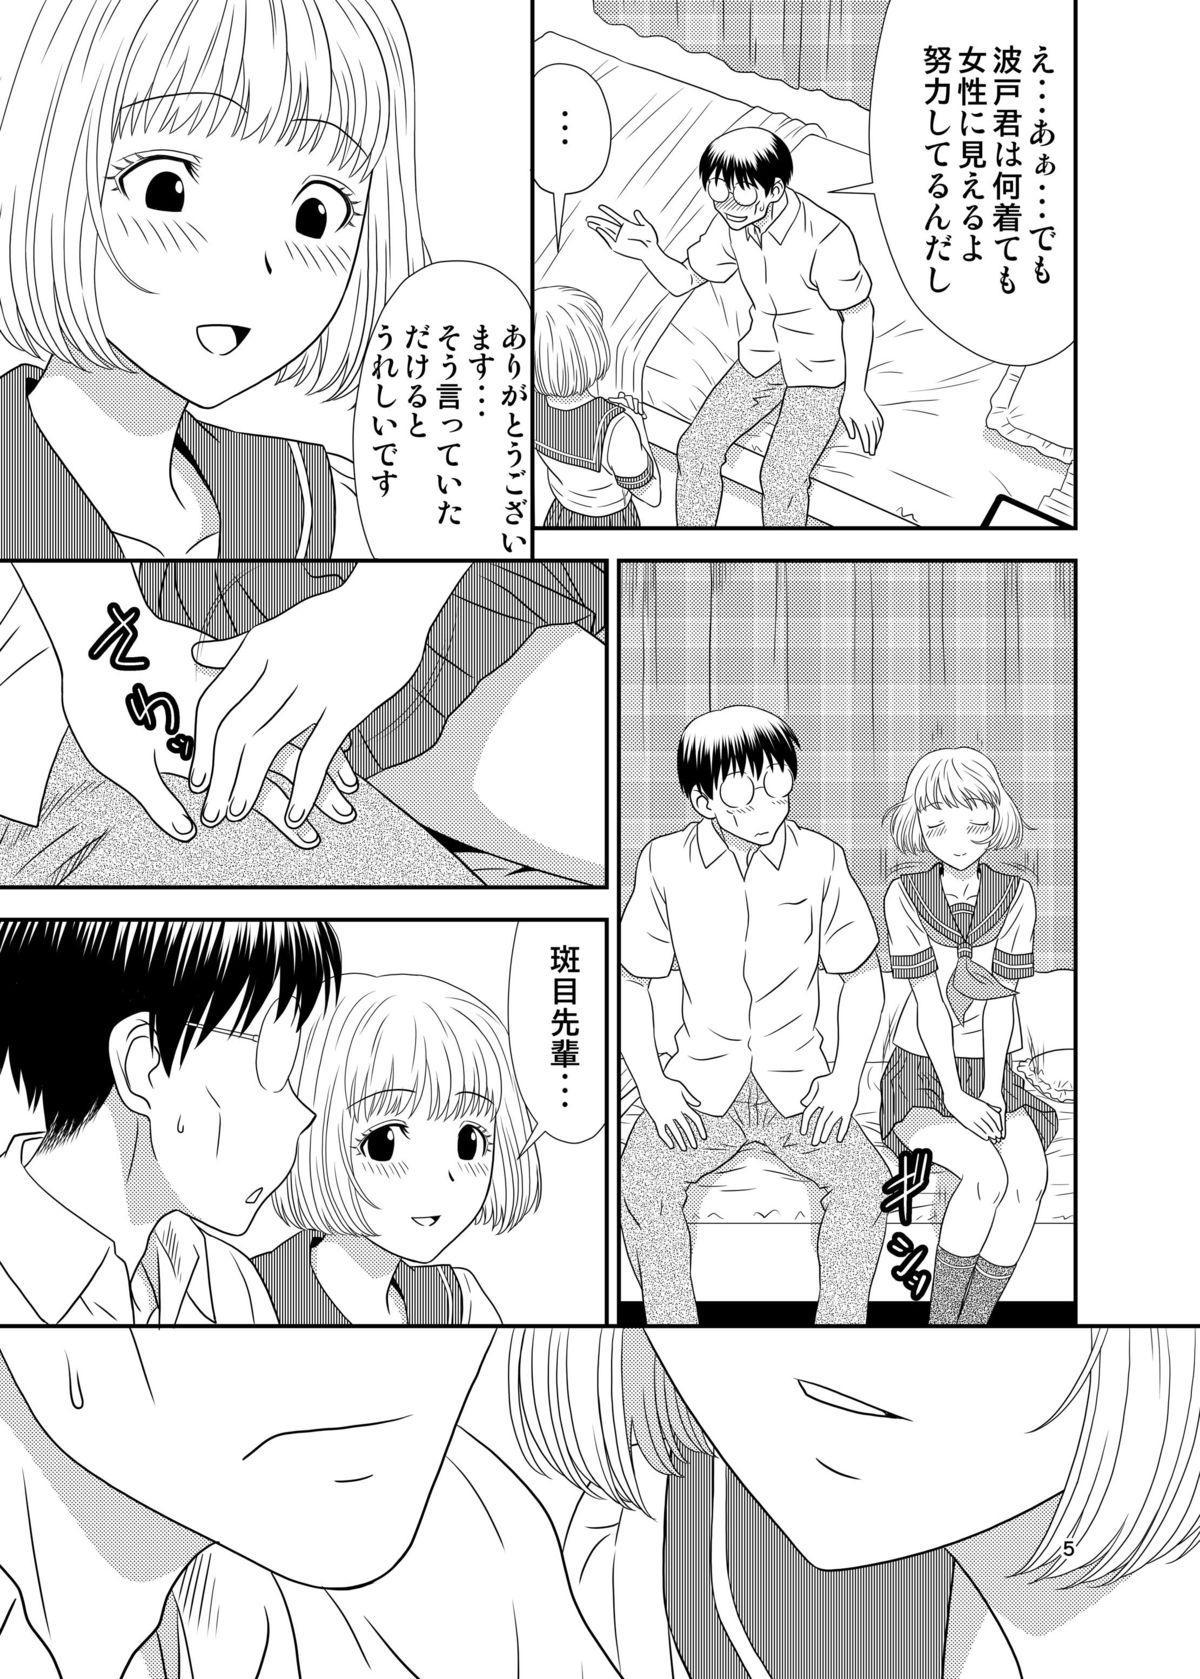 Genshiken no Hon 3